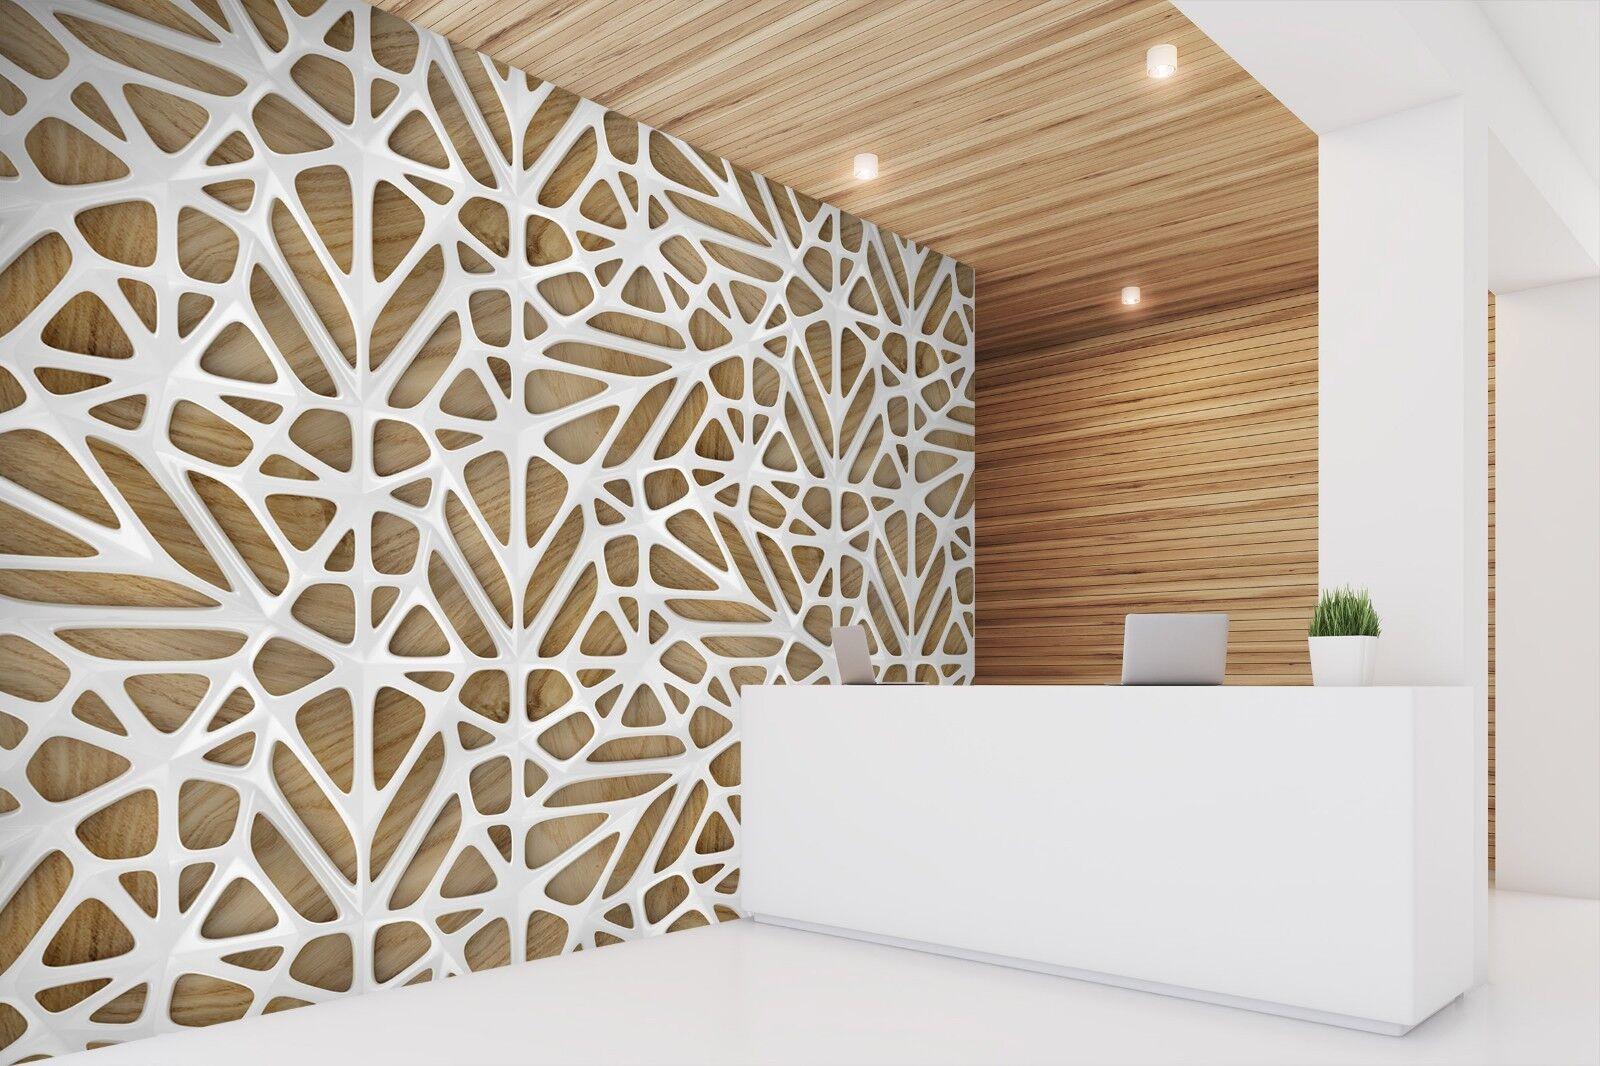 3D Weiß Line Cross 775 Texture Tiles Marble Wall Paper Decal Wallpaper Mural